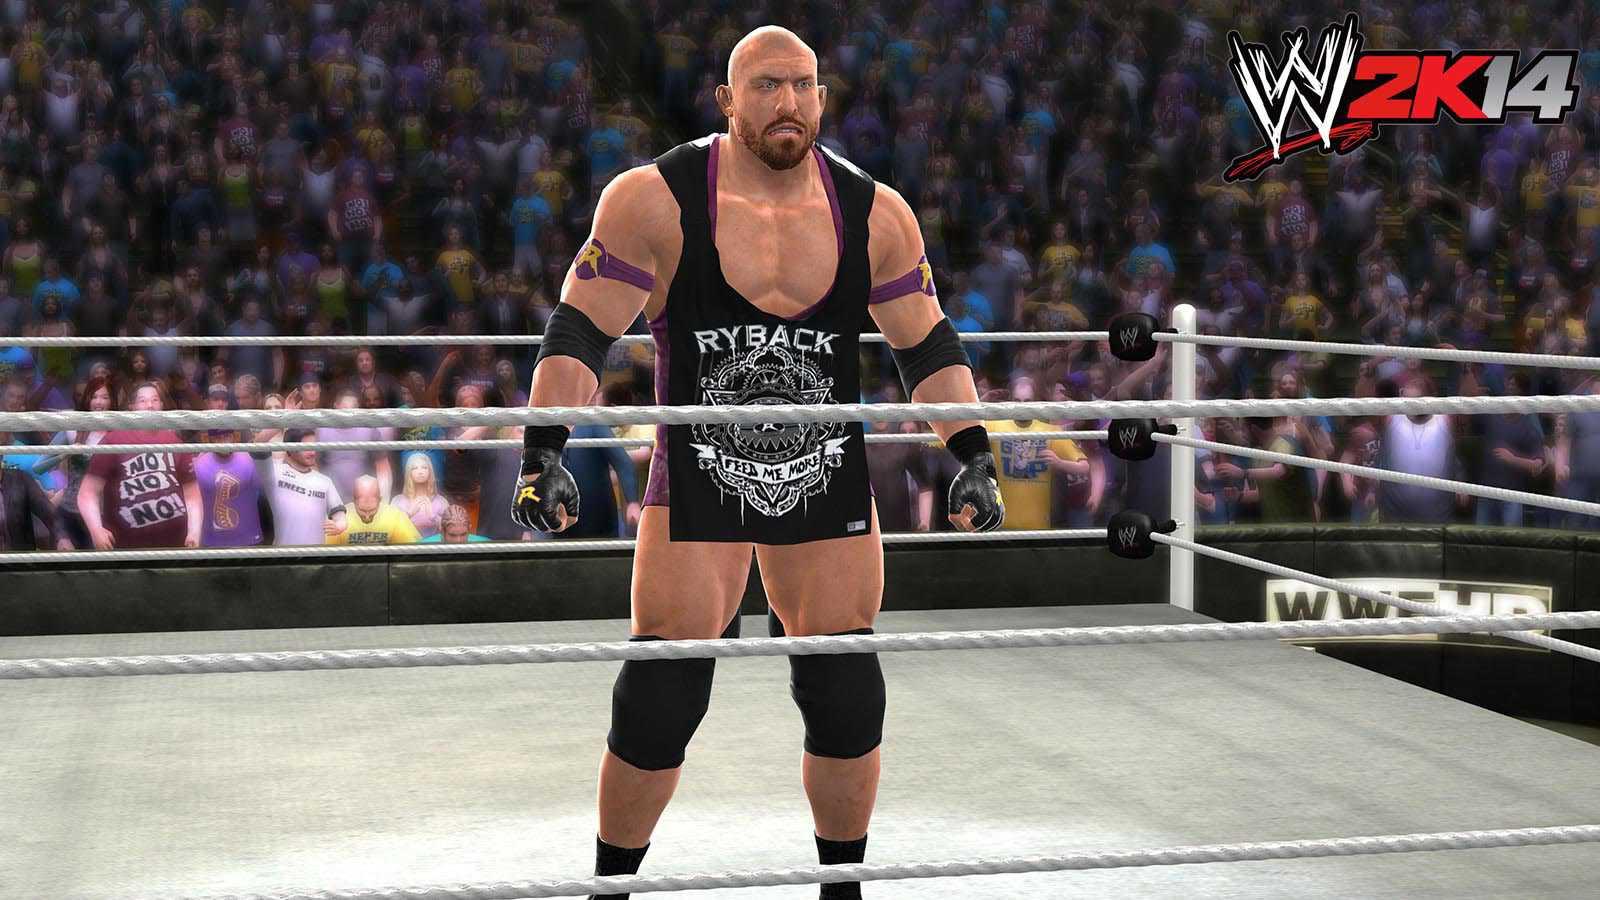 تحميل لعبة WWE 2K14 مضغوطة برابط واحد مباشر + تورنت كاملة مجانا